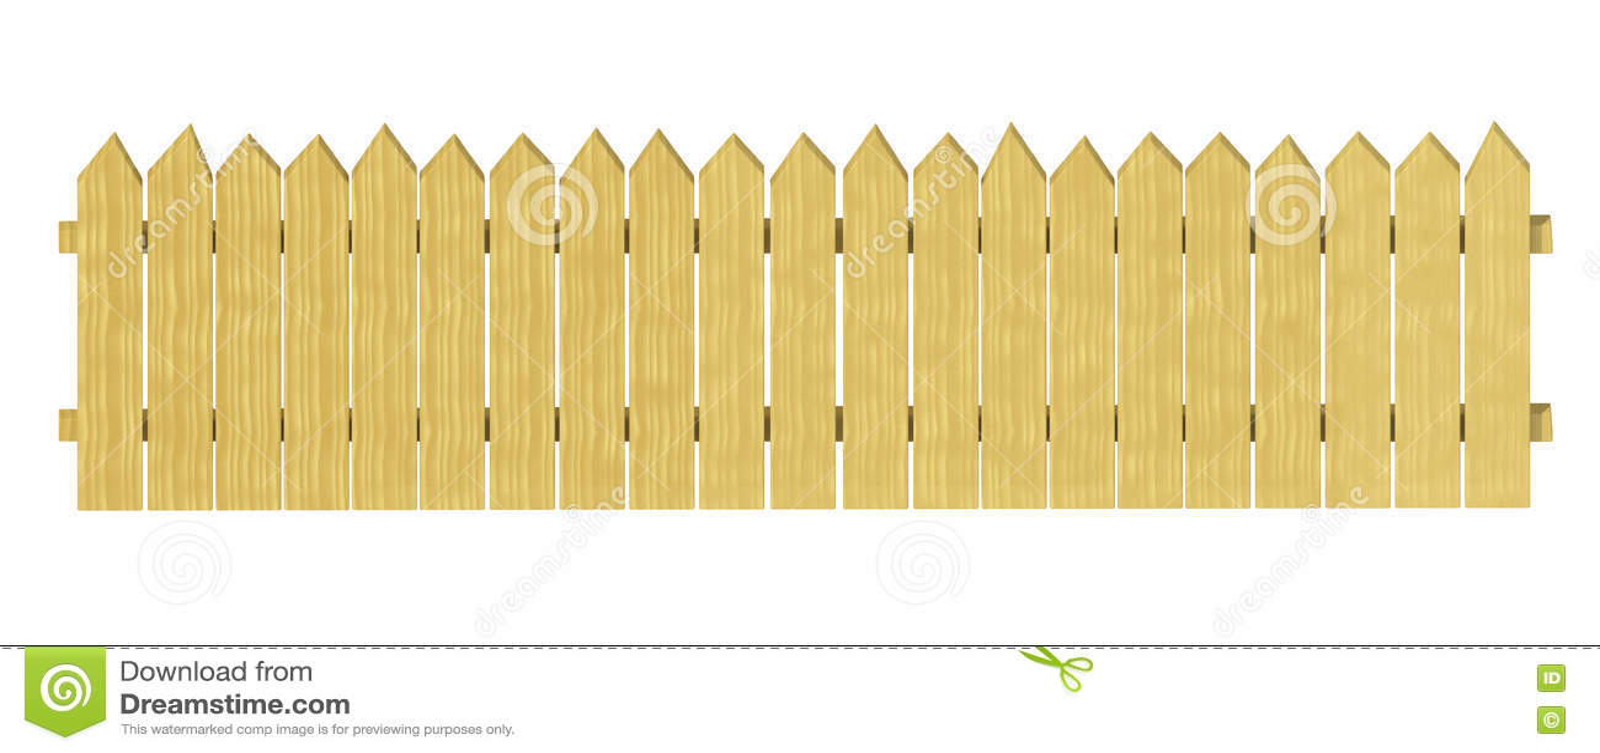 Recinzione di legno decorativa del giardino illustrazione for Recinzione legno giardino